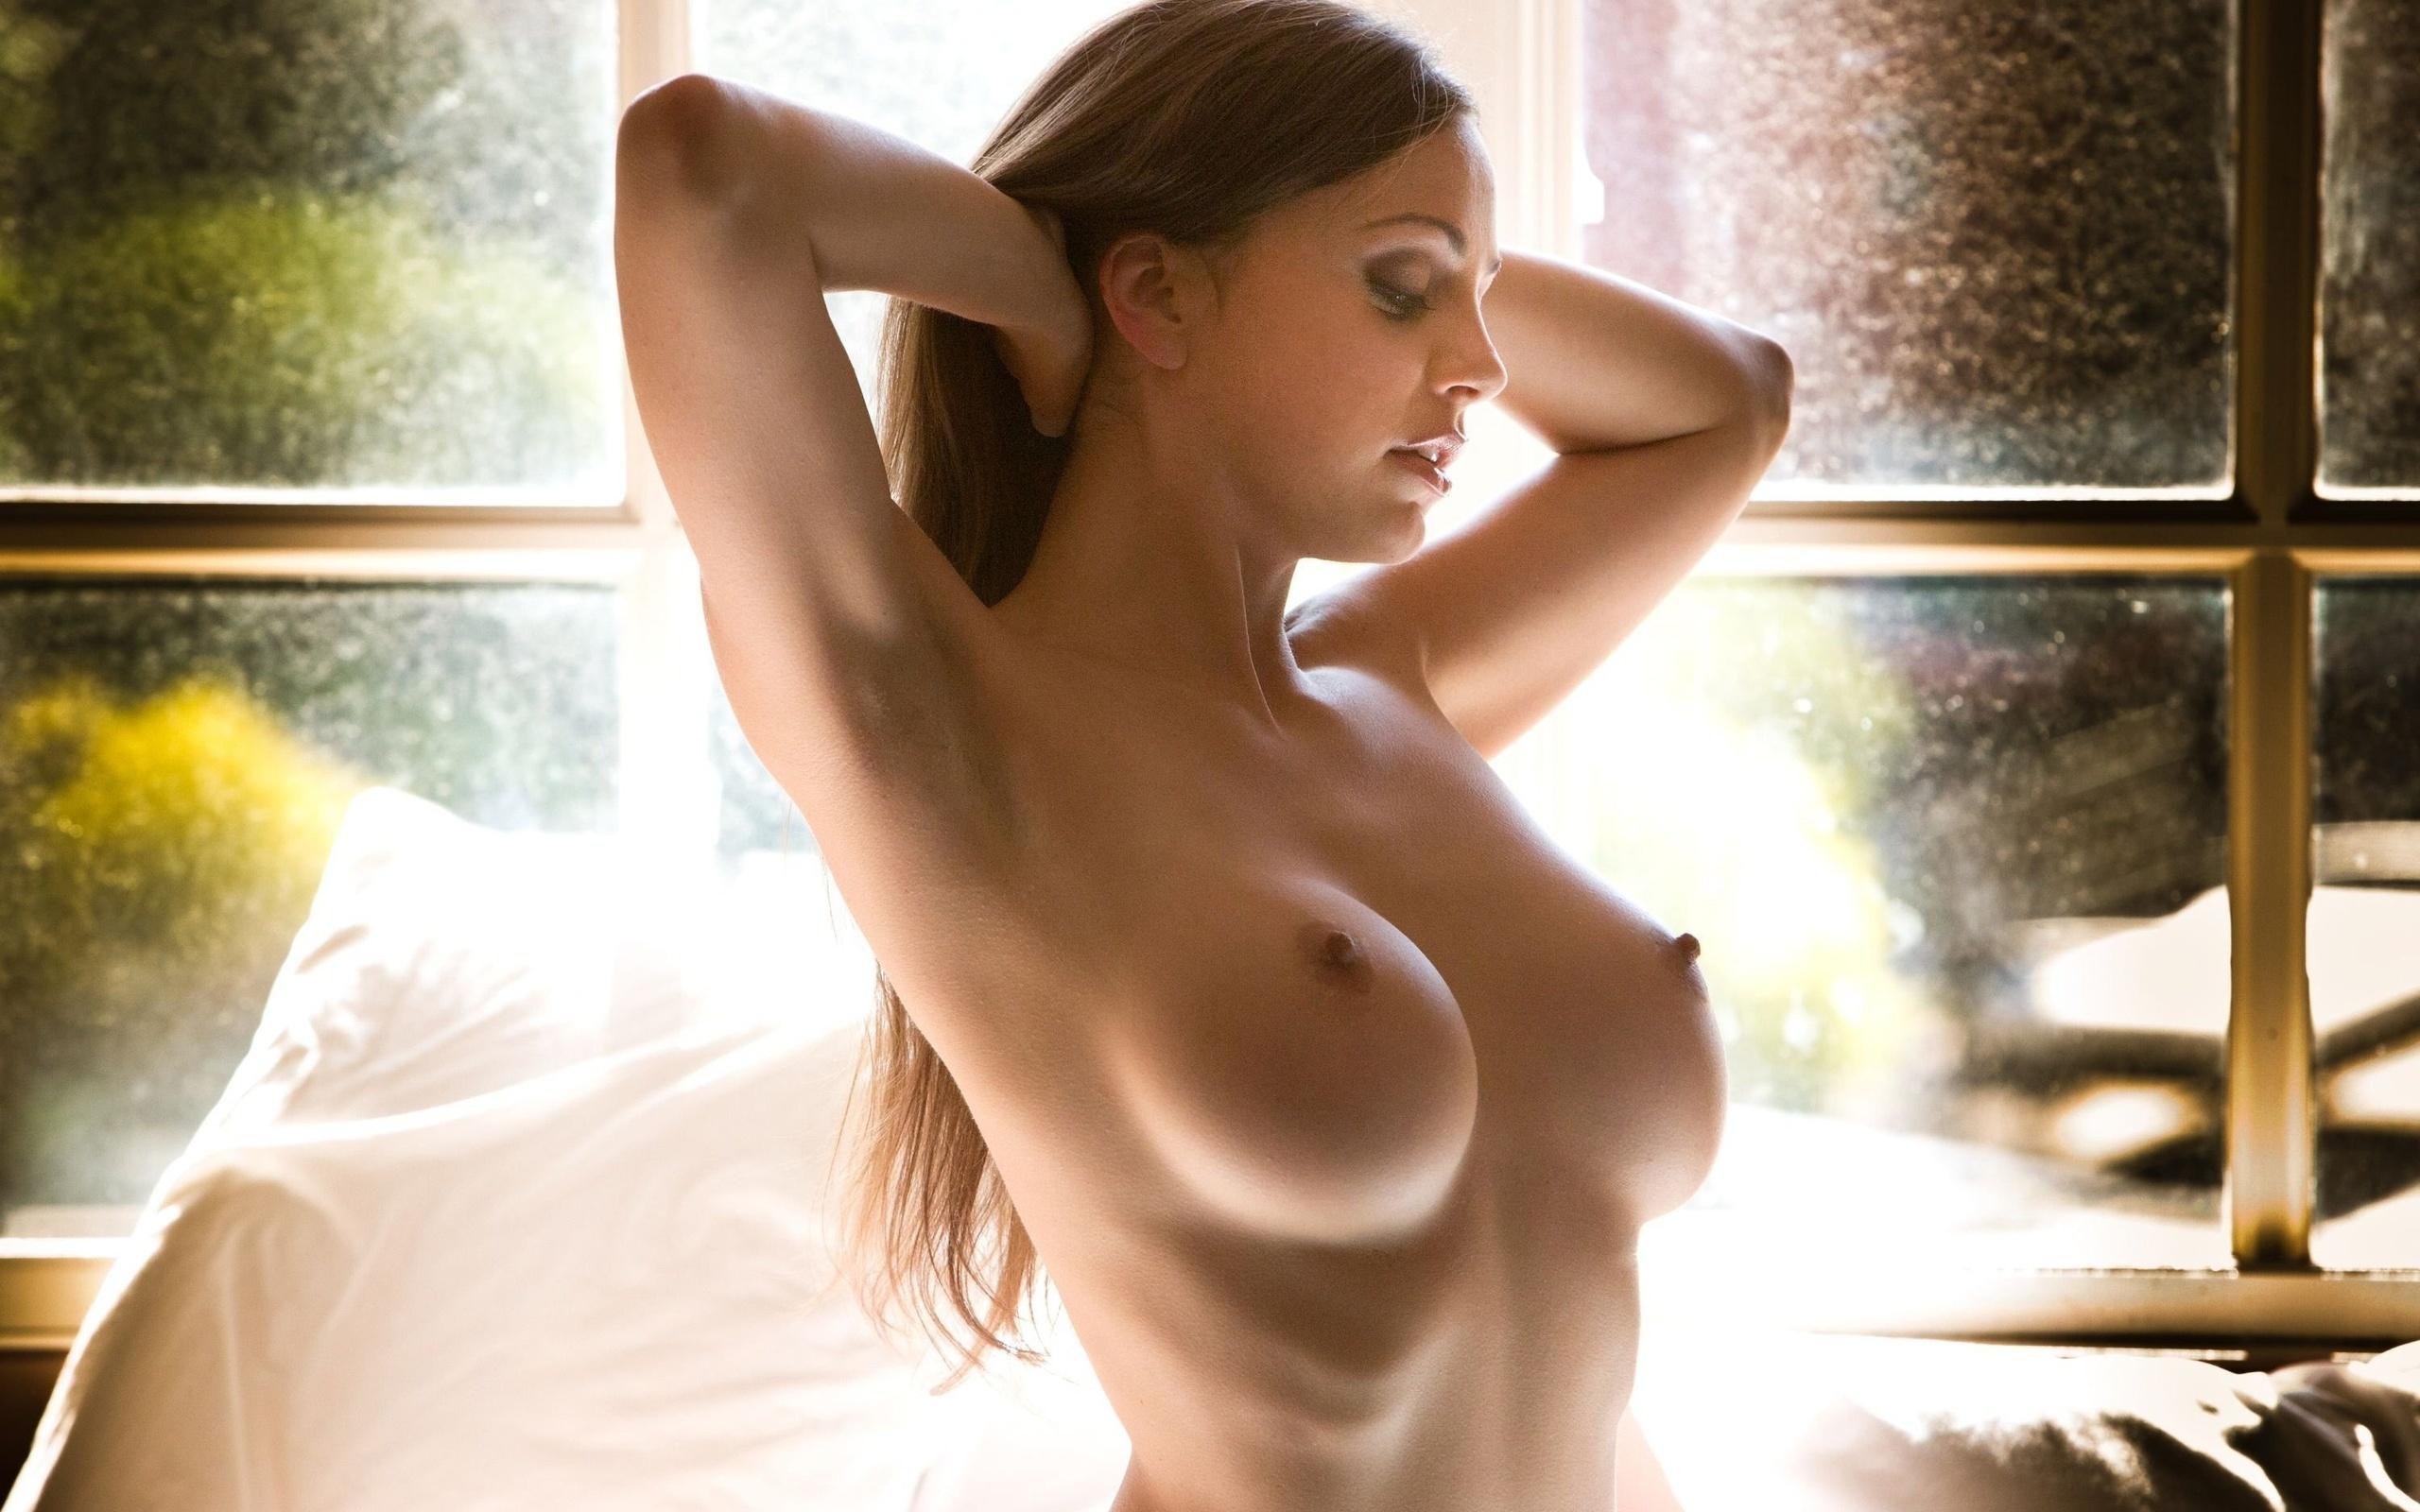 Секси красотка раздевается 9 фотография